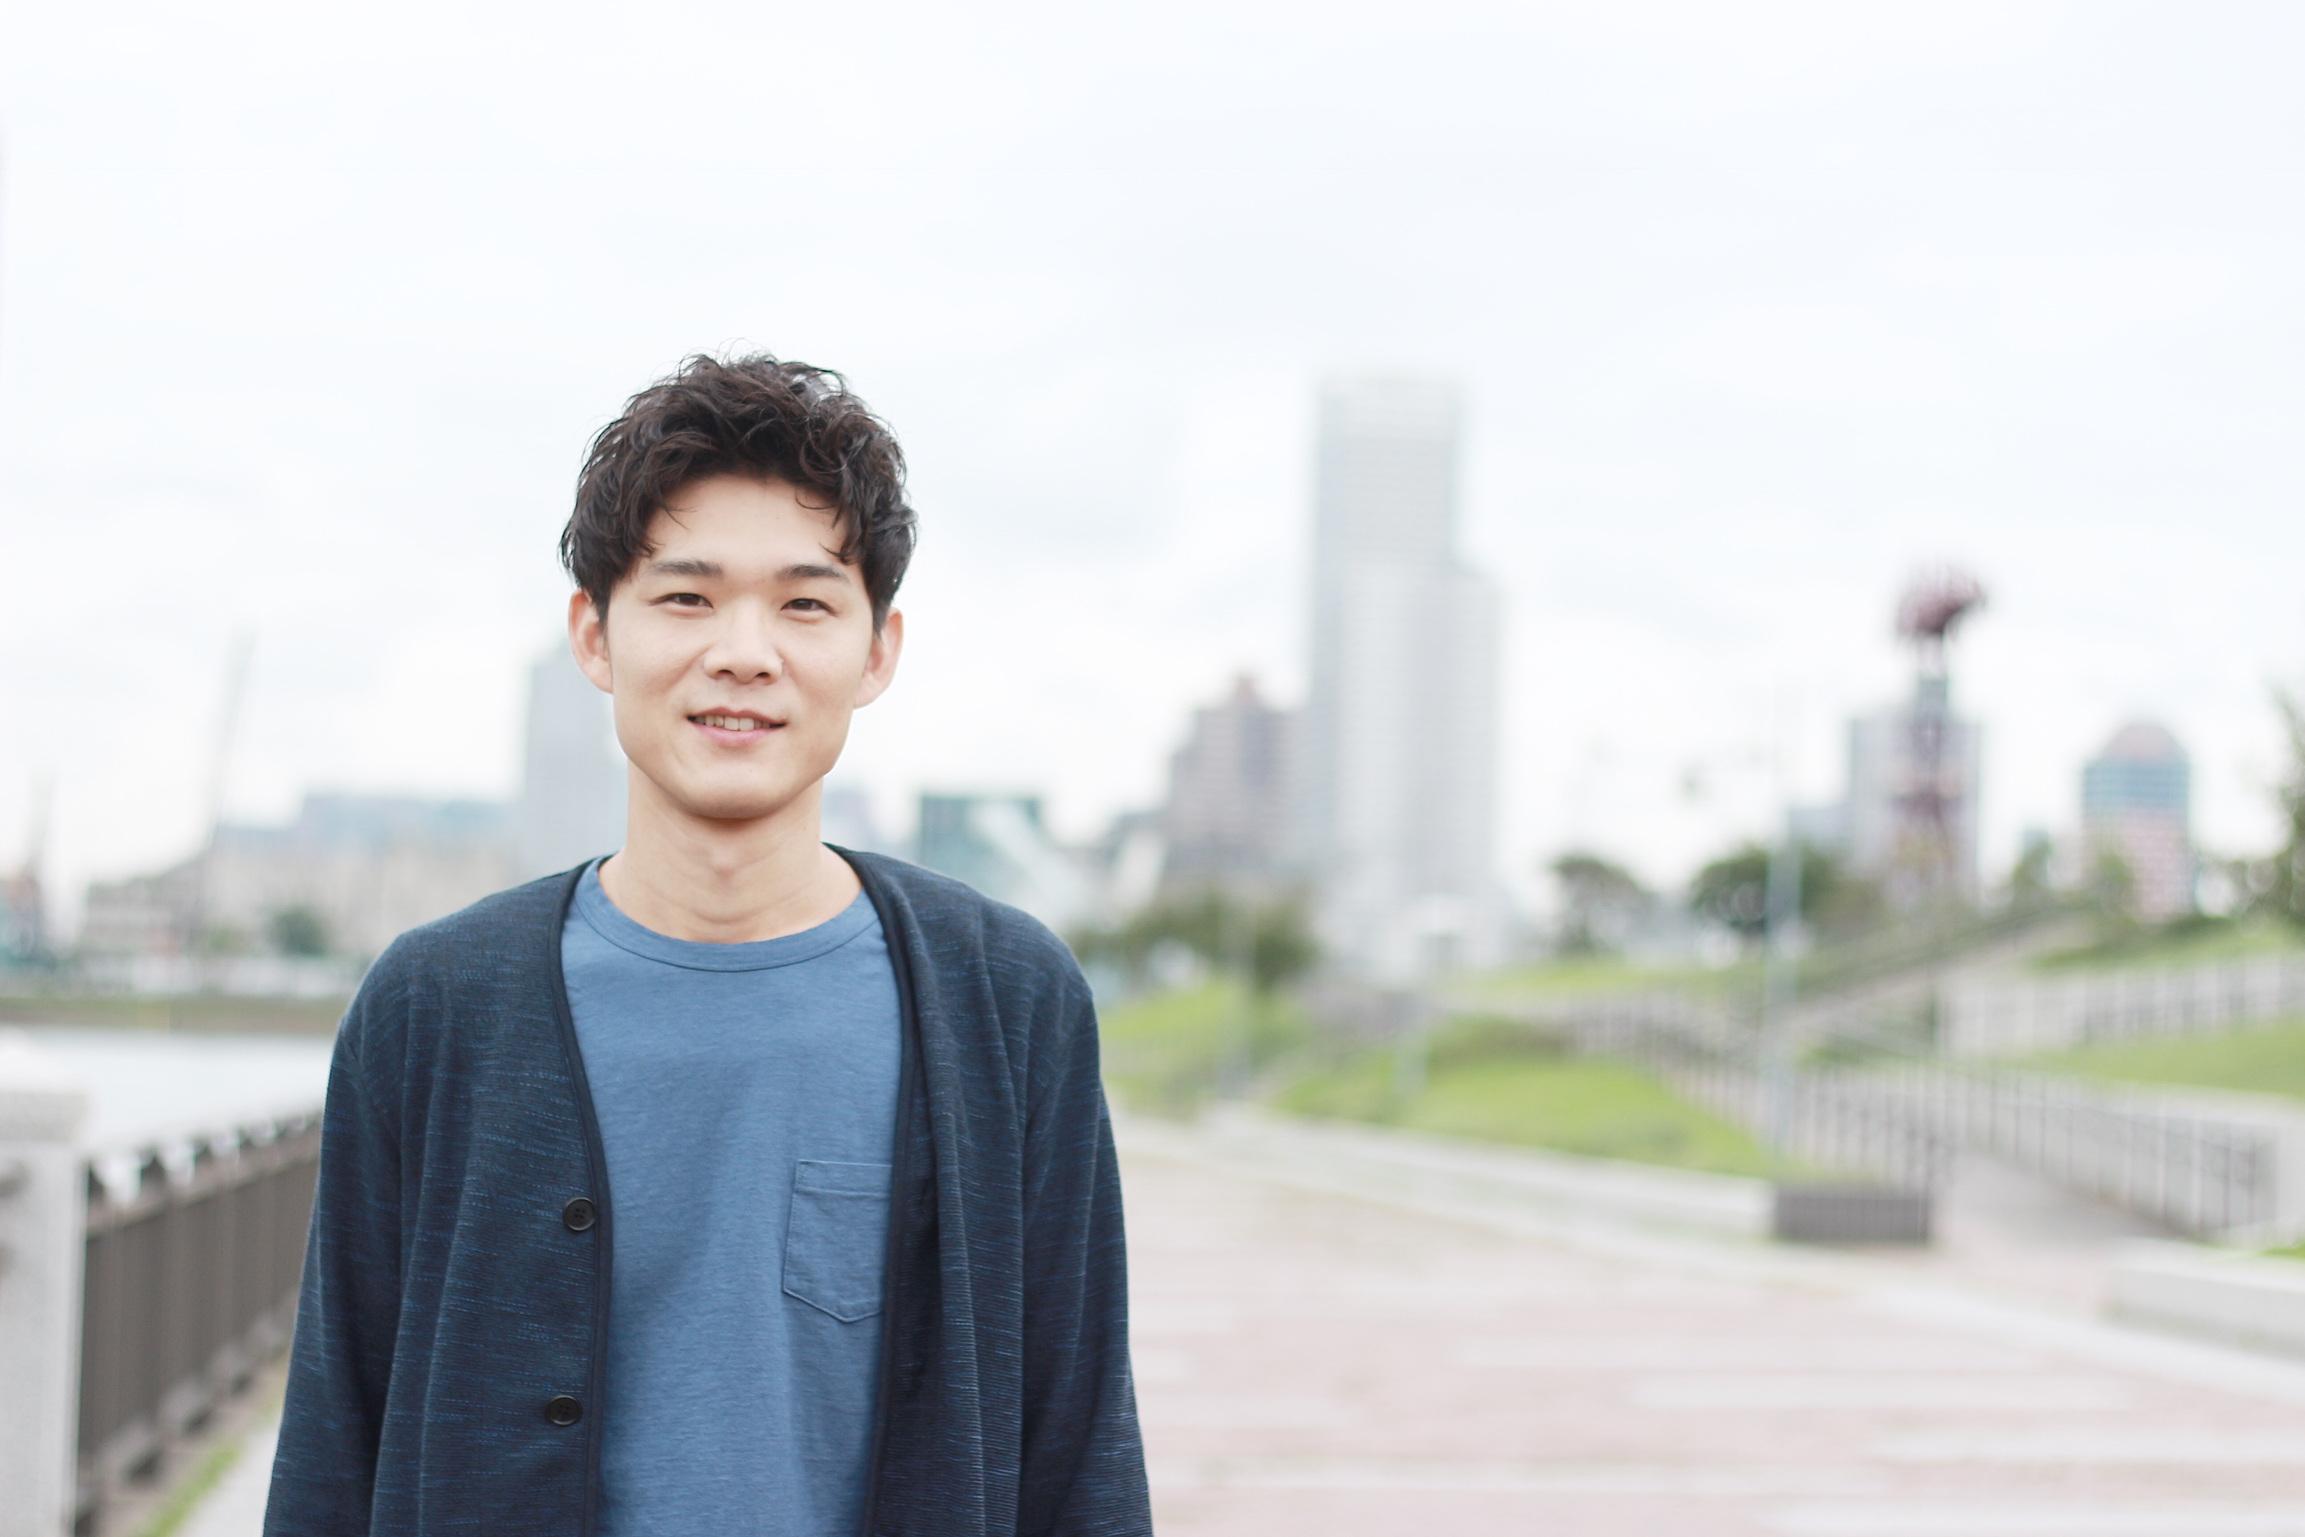 橋本 拓也. Takuya Hashimoto